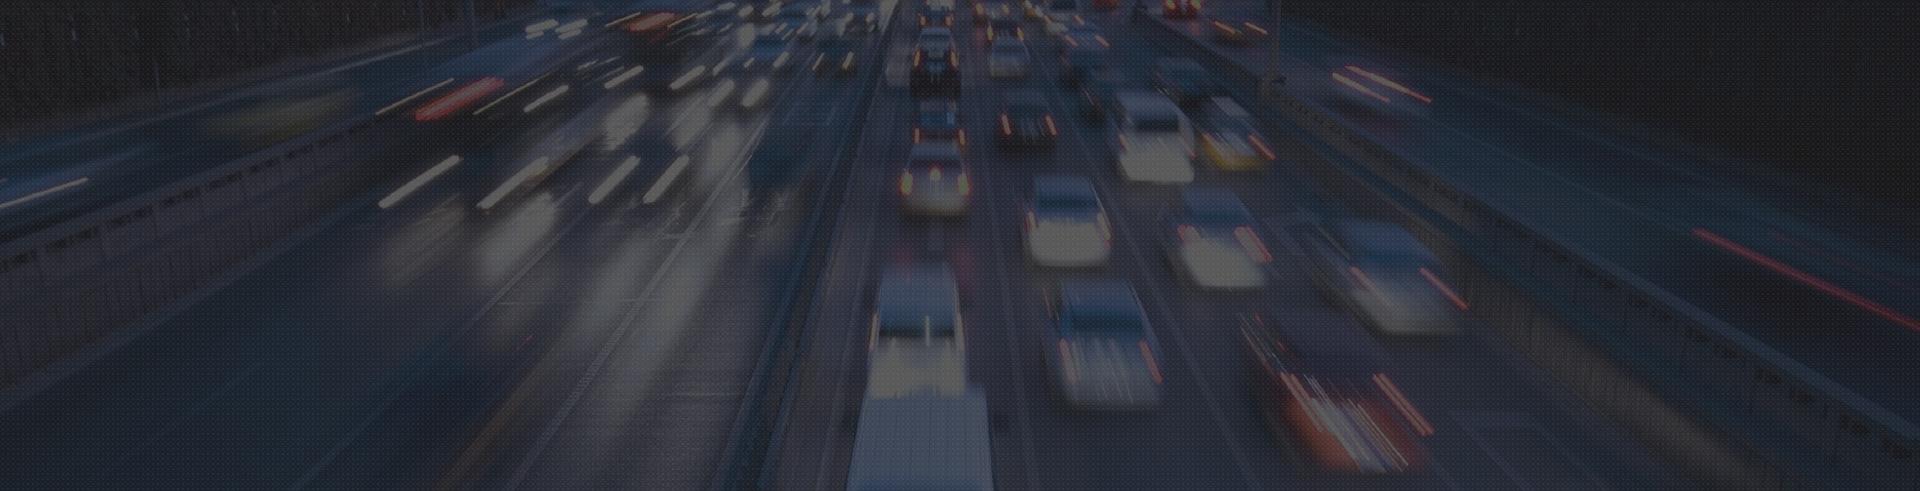 Automotive Vacaturebank doet er alles aan om jou dagelijks te voorzien van het meest actuele aanbod van Automotive vacatures.